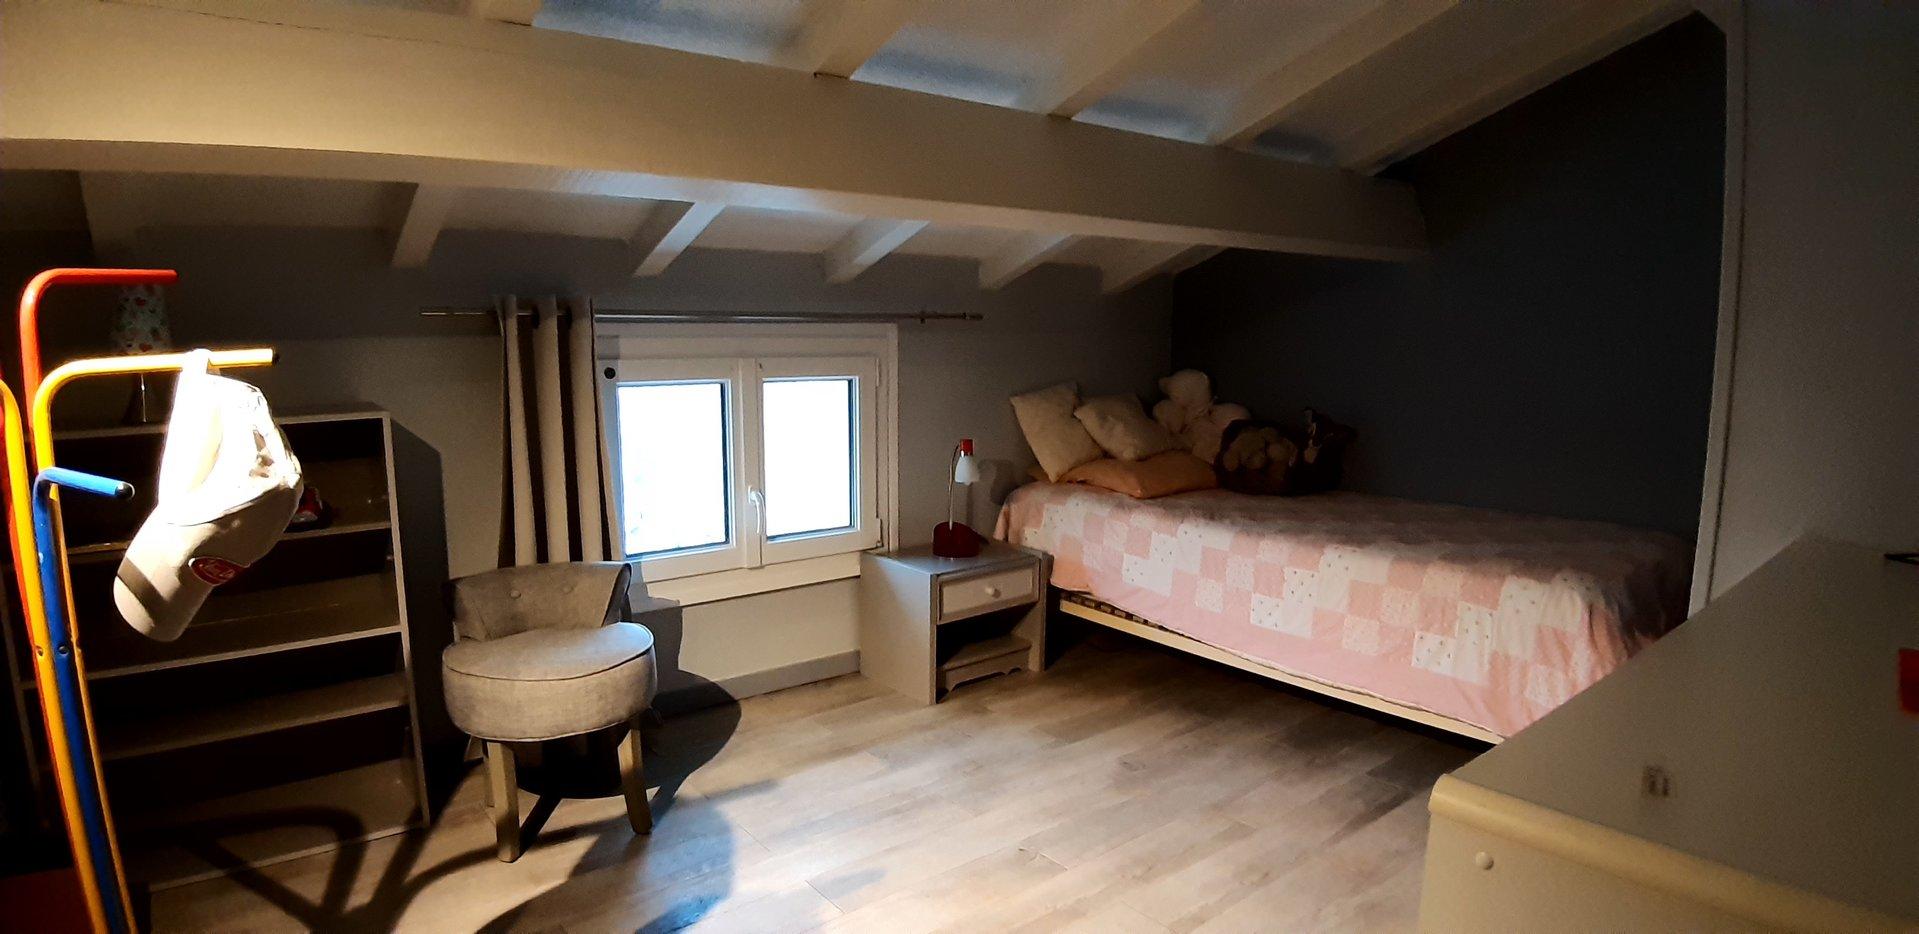 Maison, gites , Gorges de l'Ardèche